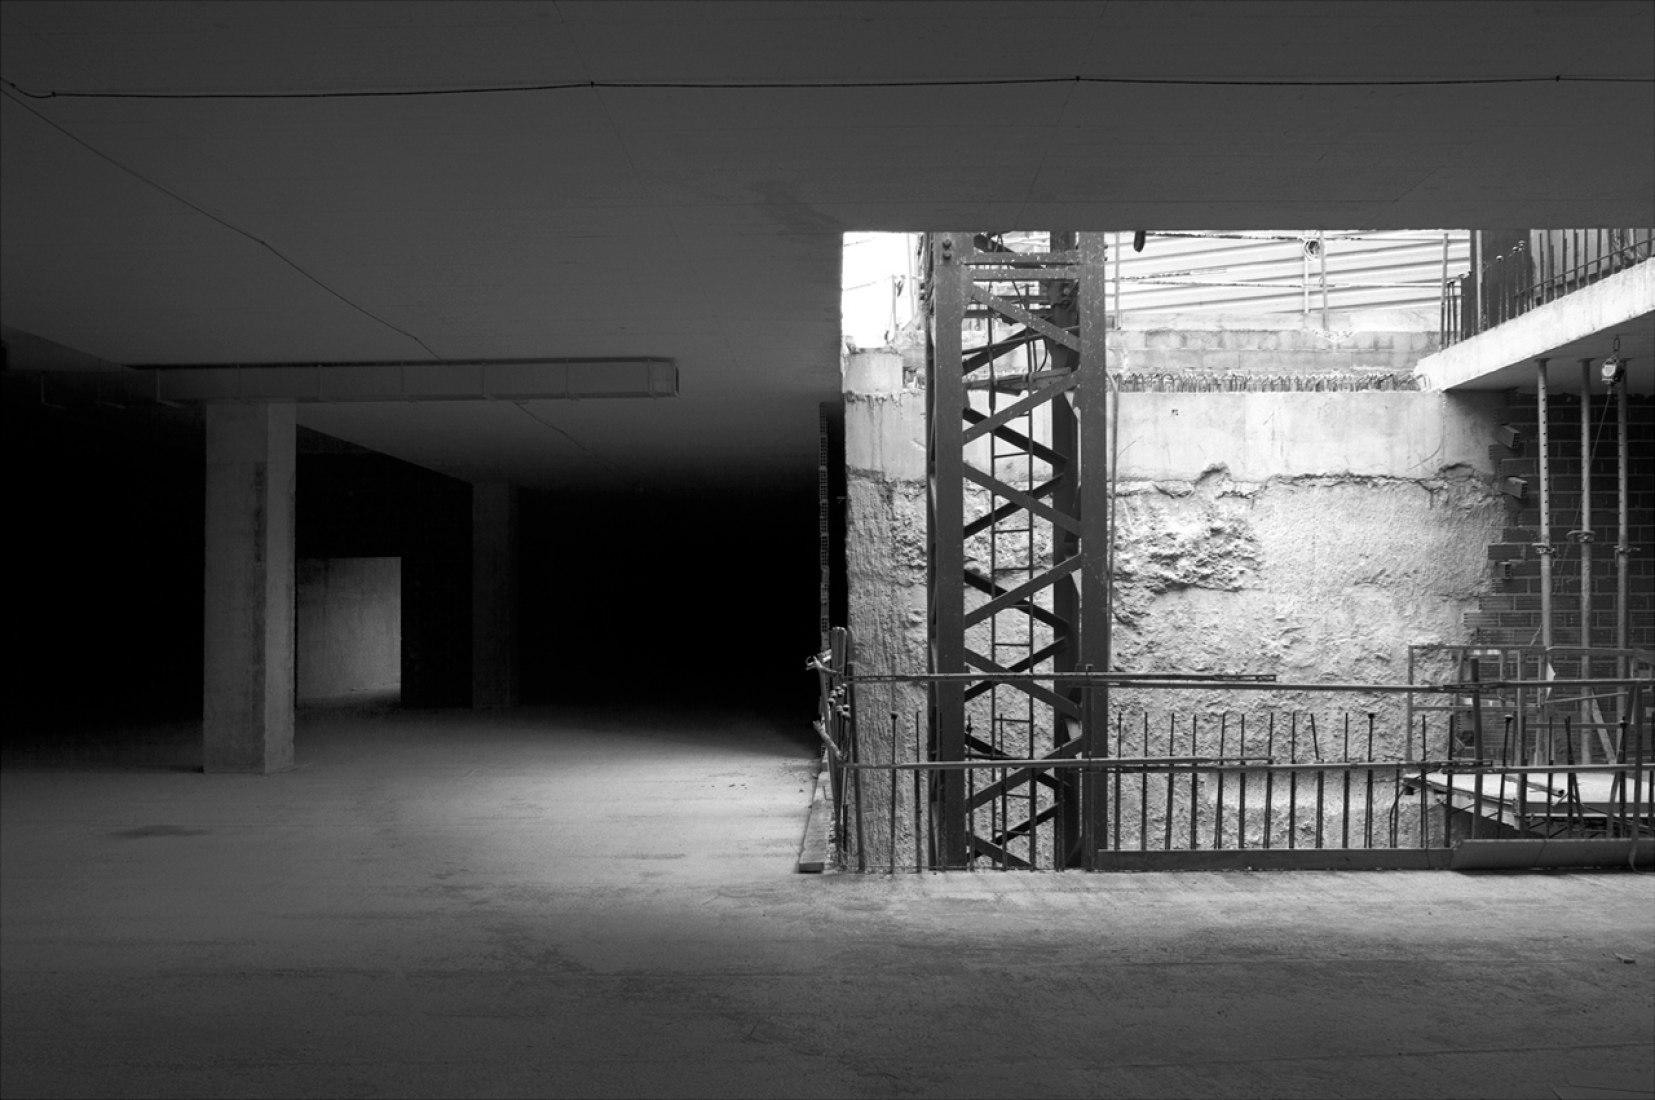 Torrent market, architect Vázquez Consuegra, 2014. Photograph © Mariela Apollonio.